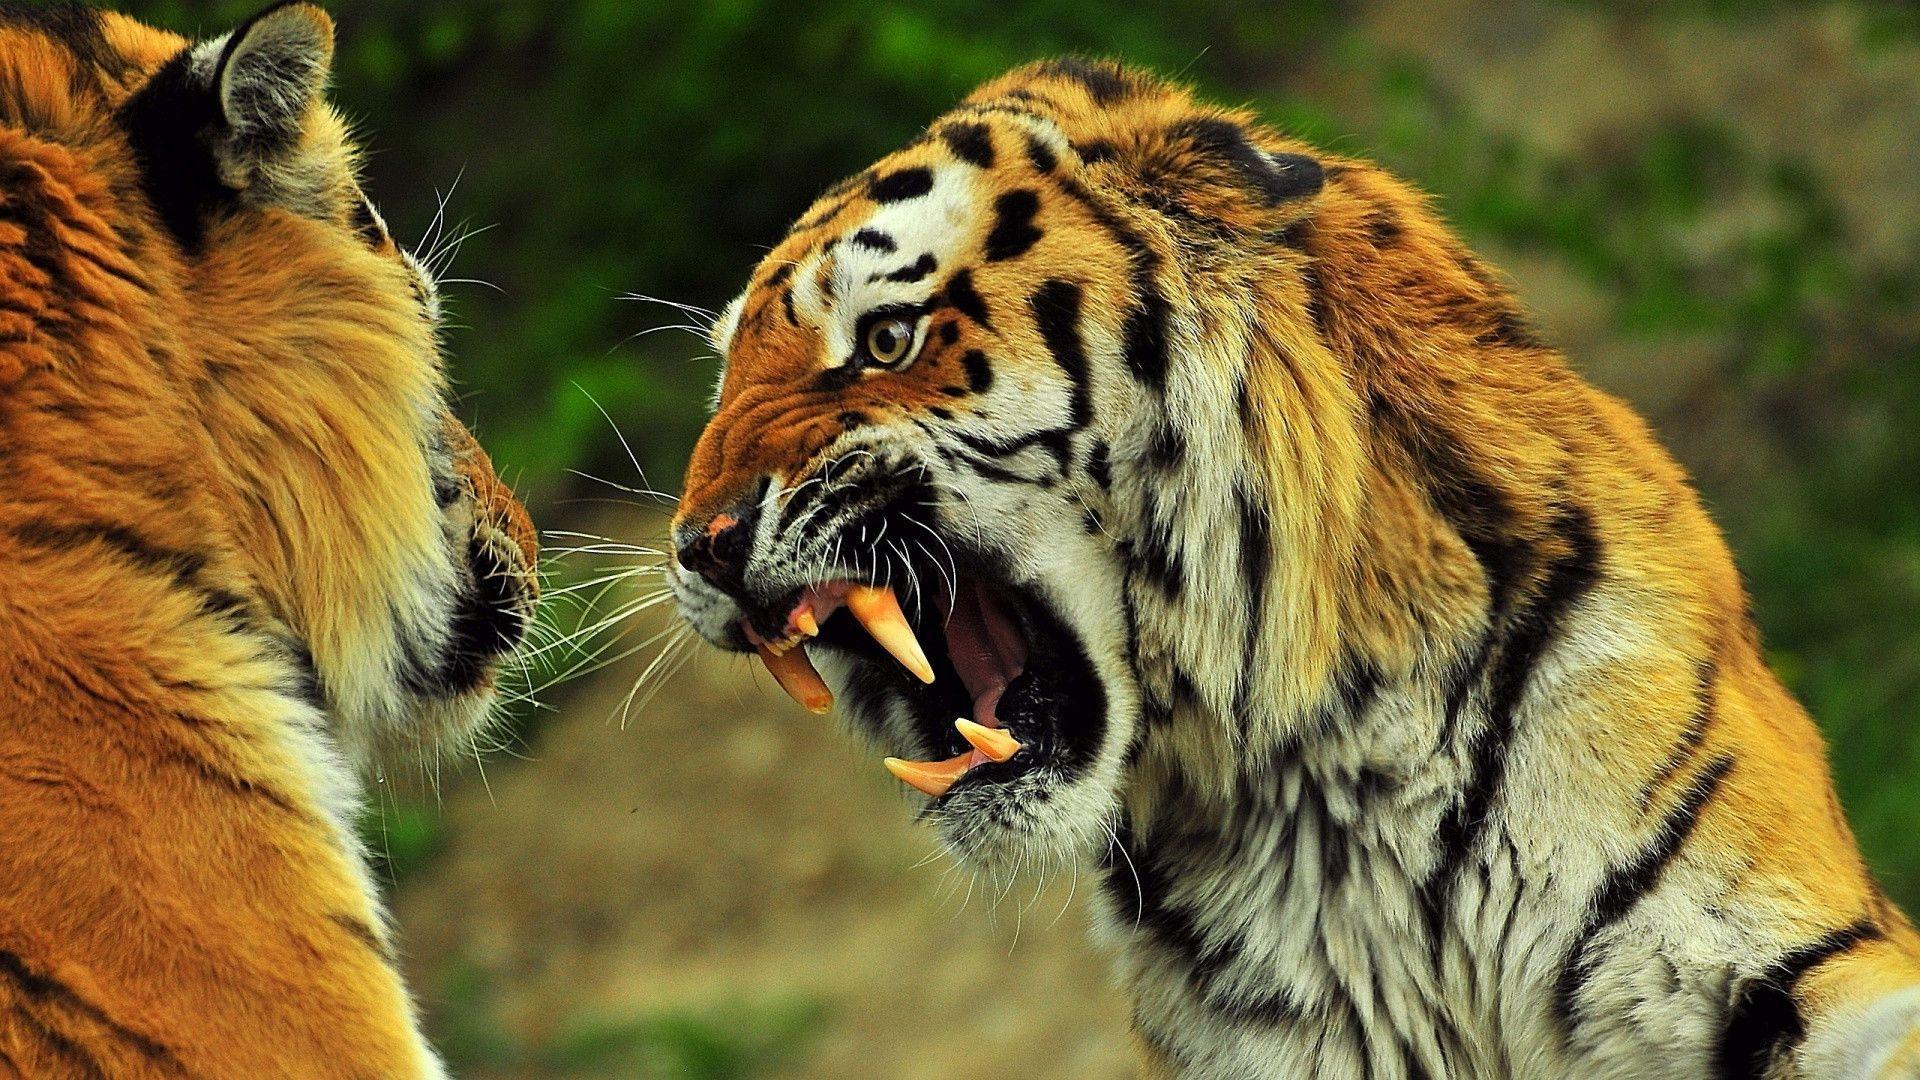 Angry Tiger wallpaper - 845572